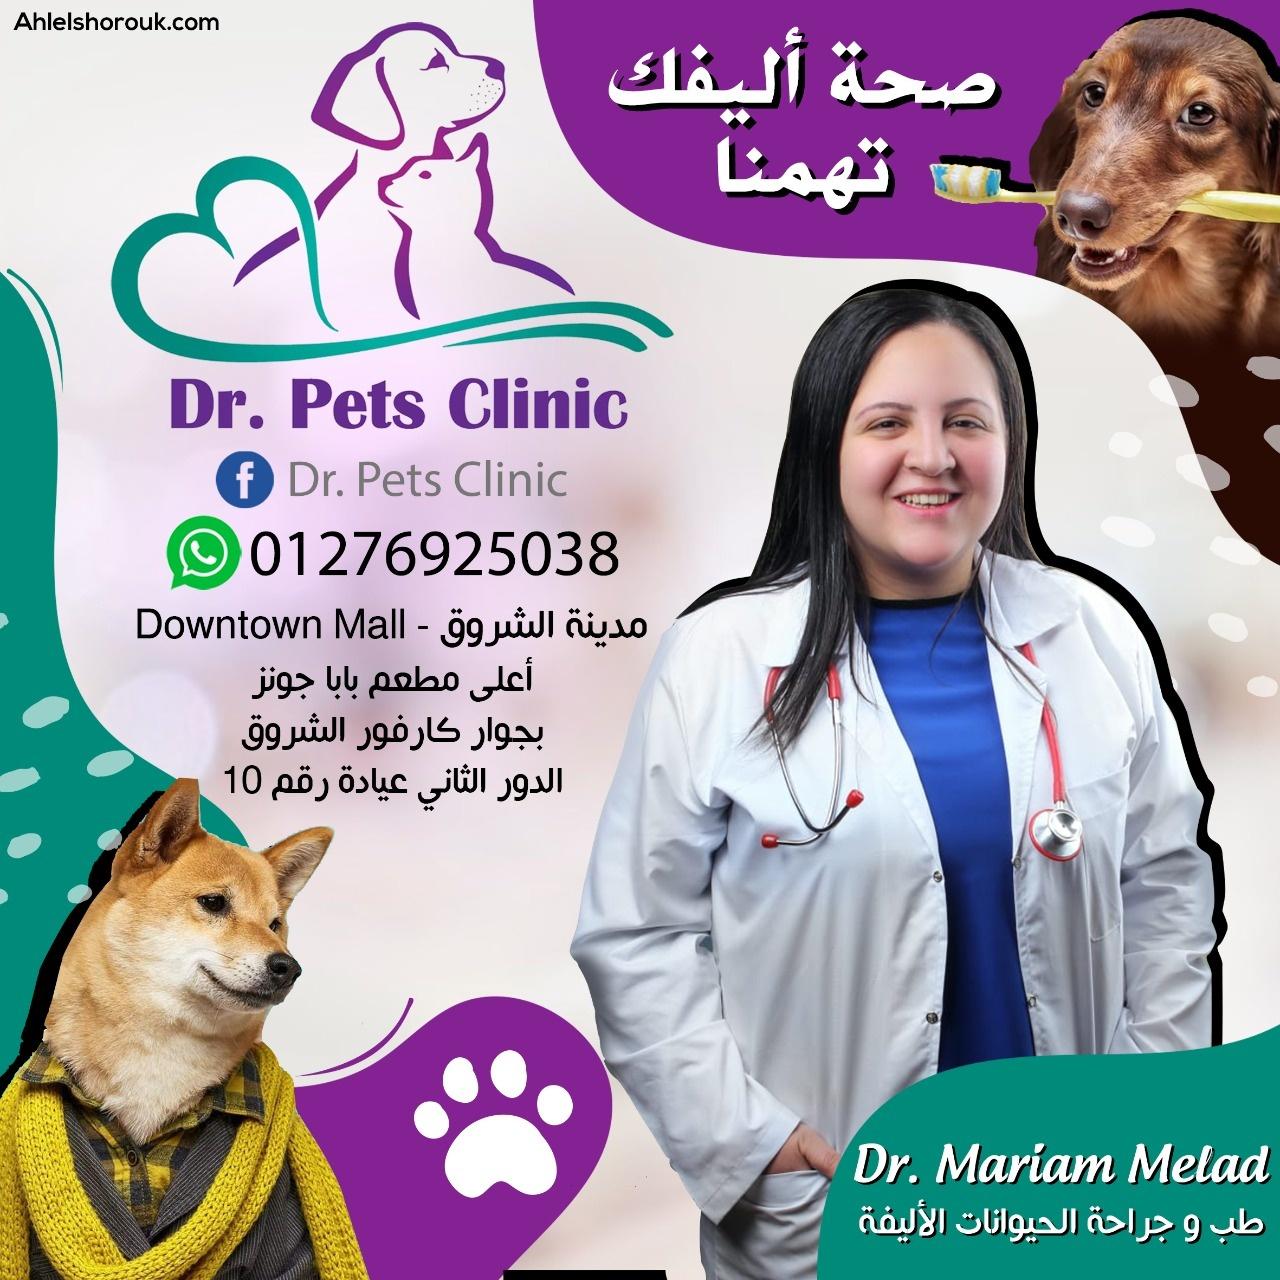 Dr. Pets Clinic